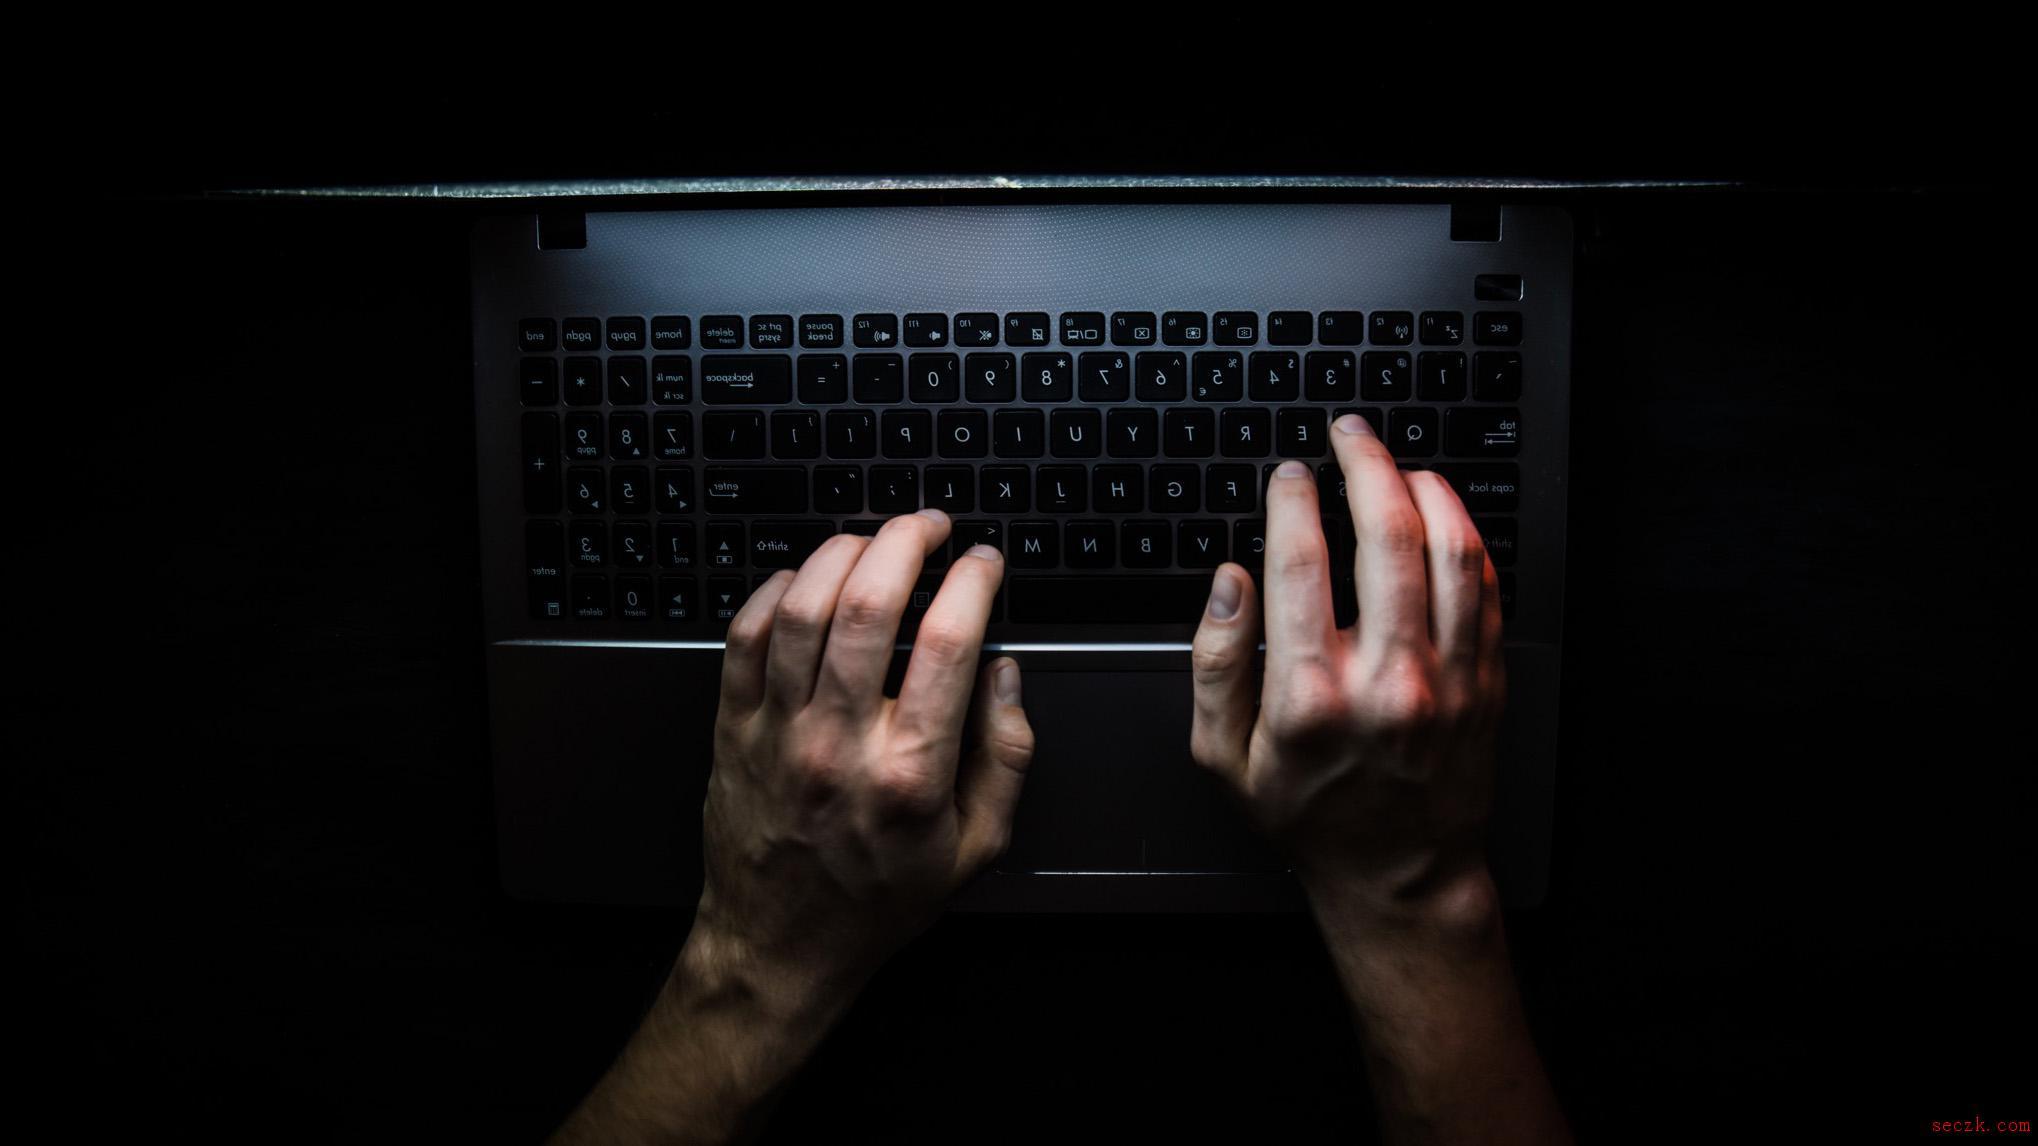 数据泄露:8.85亿份敏感财务记录曝光